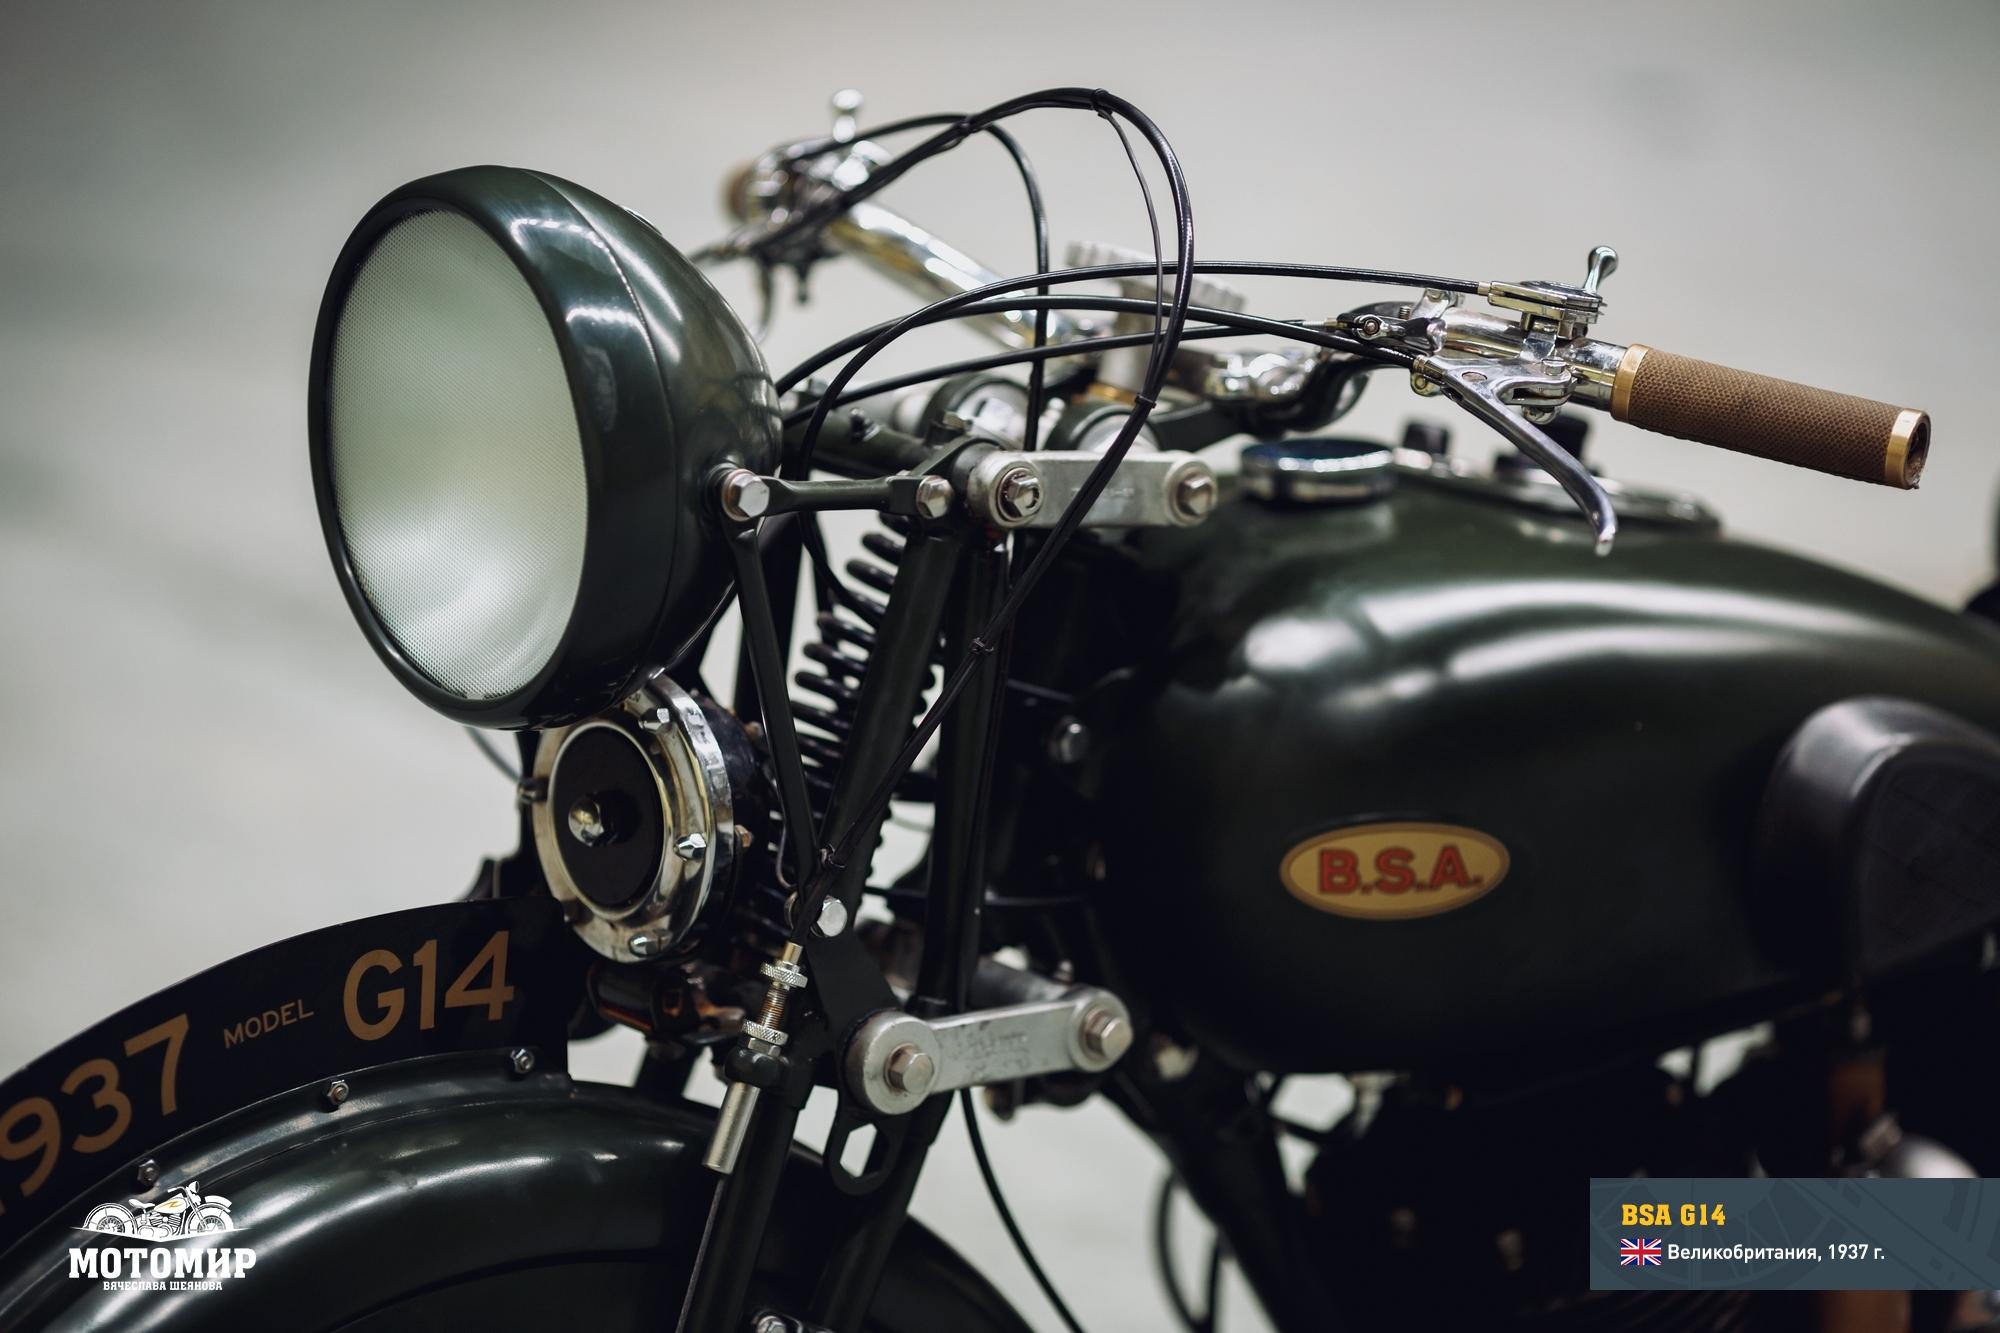 bsa-g14-1937-201504-web-10